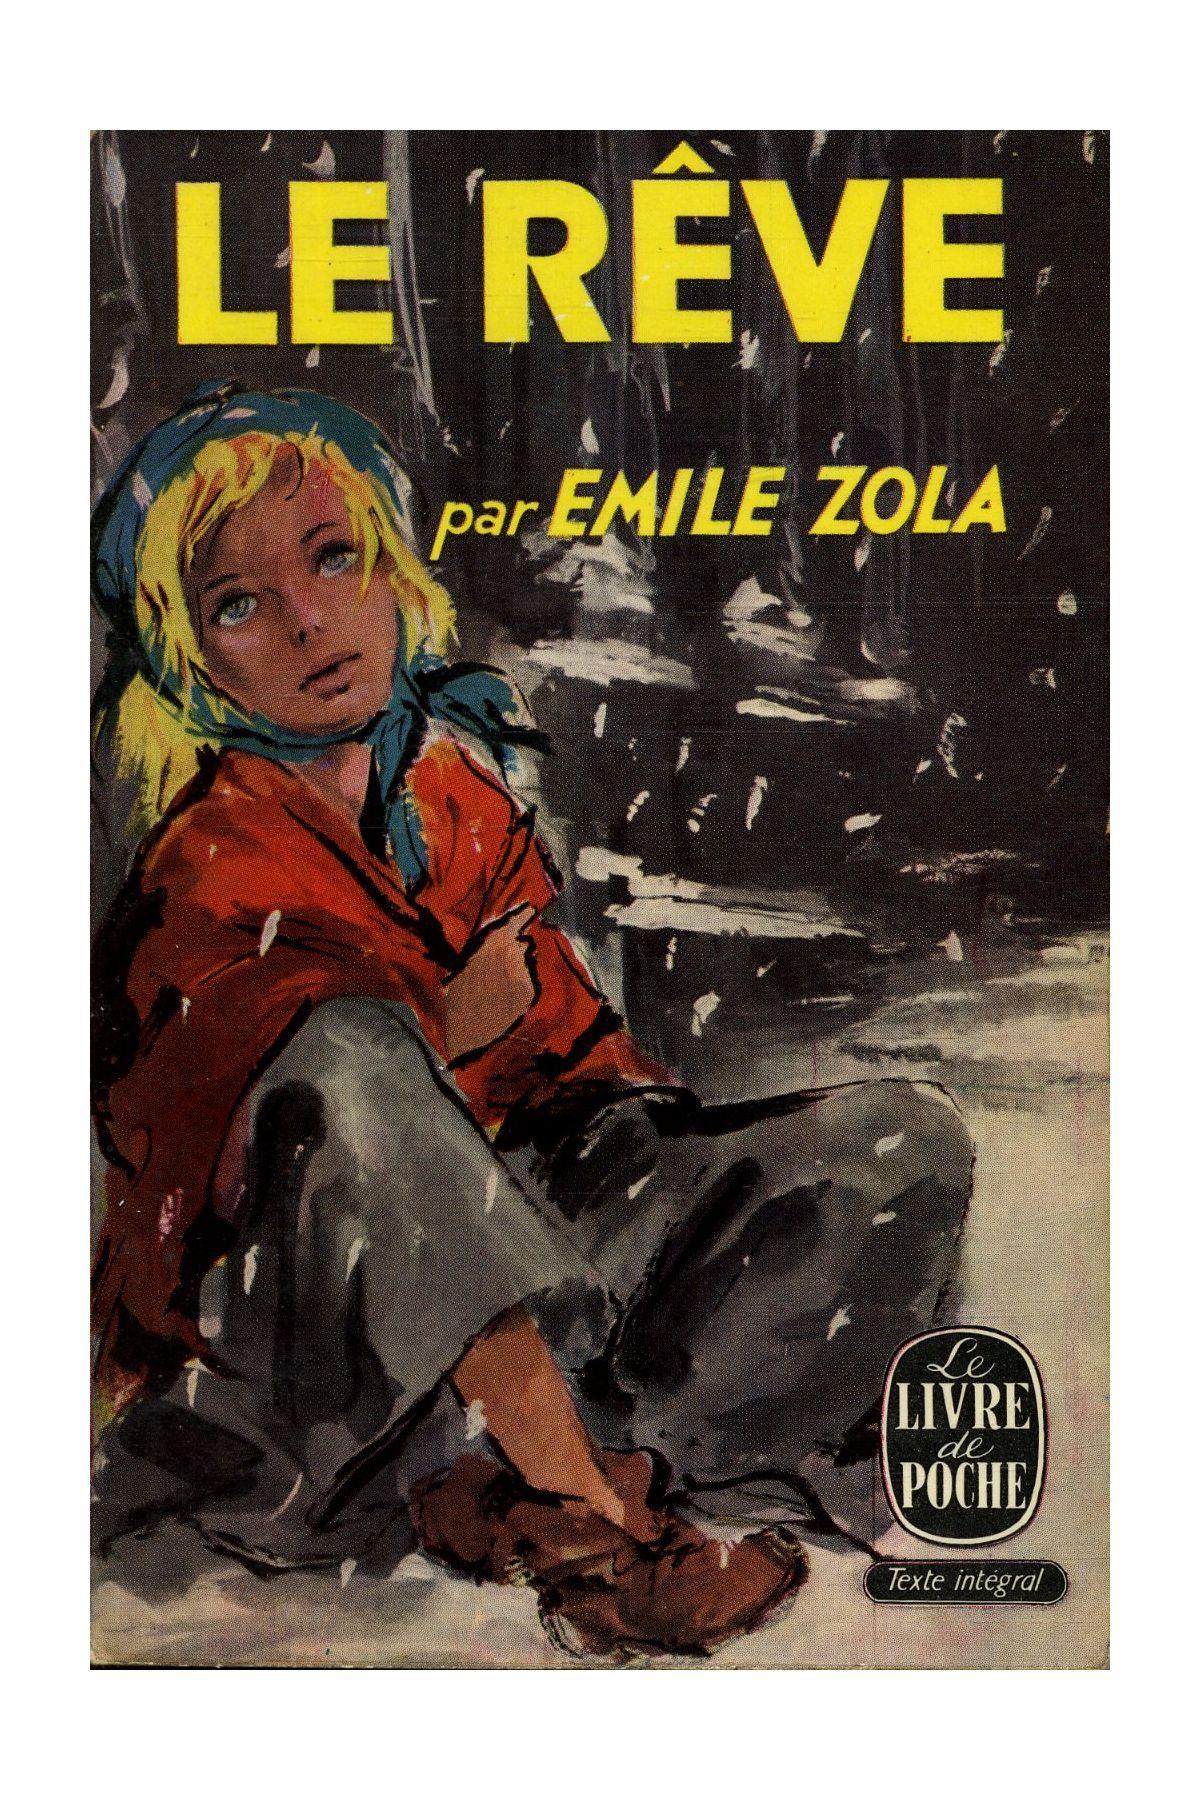 Le Reve Emile Zola Le Livre De Poche Texte Integral